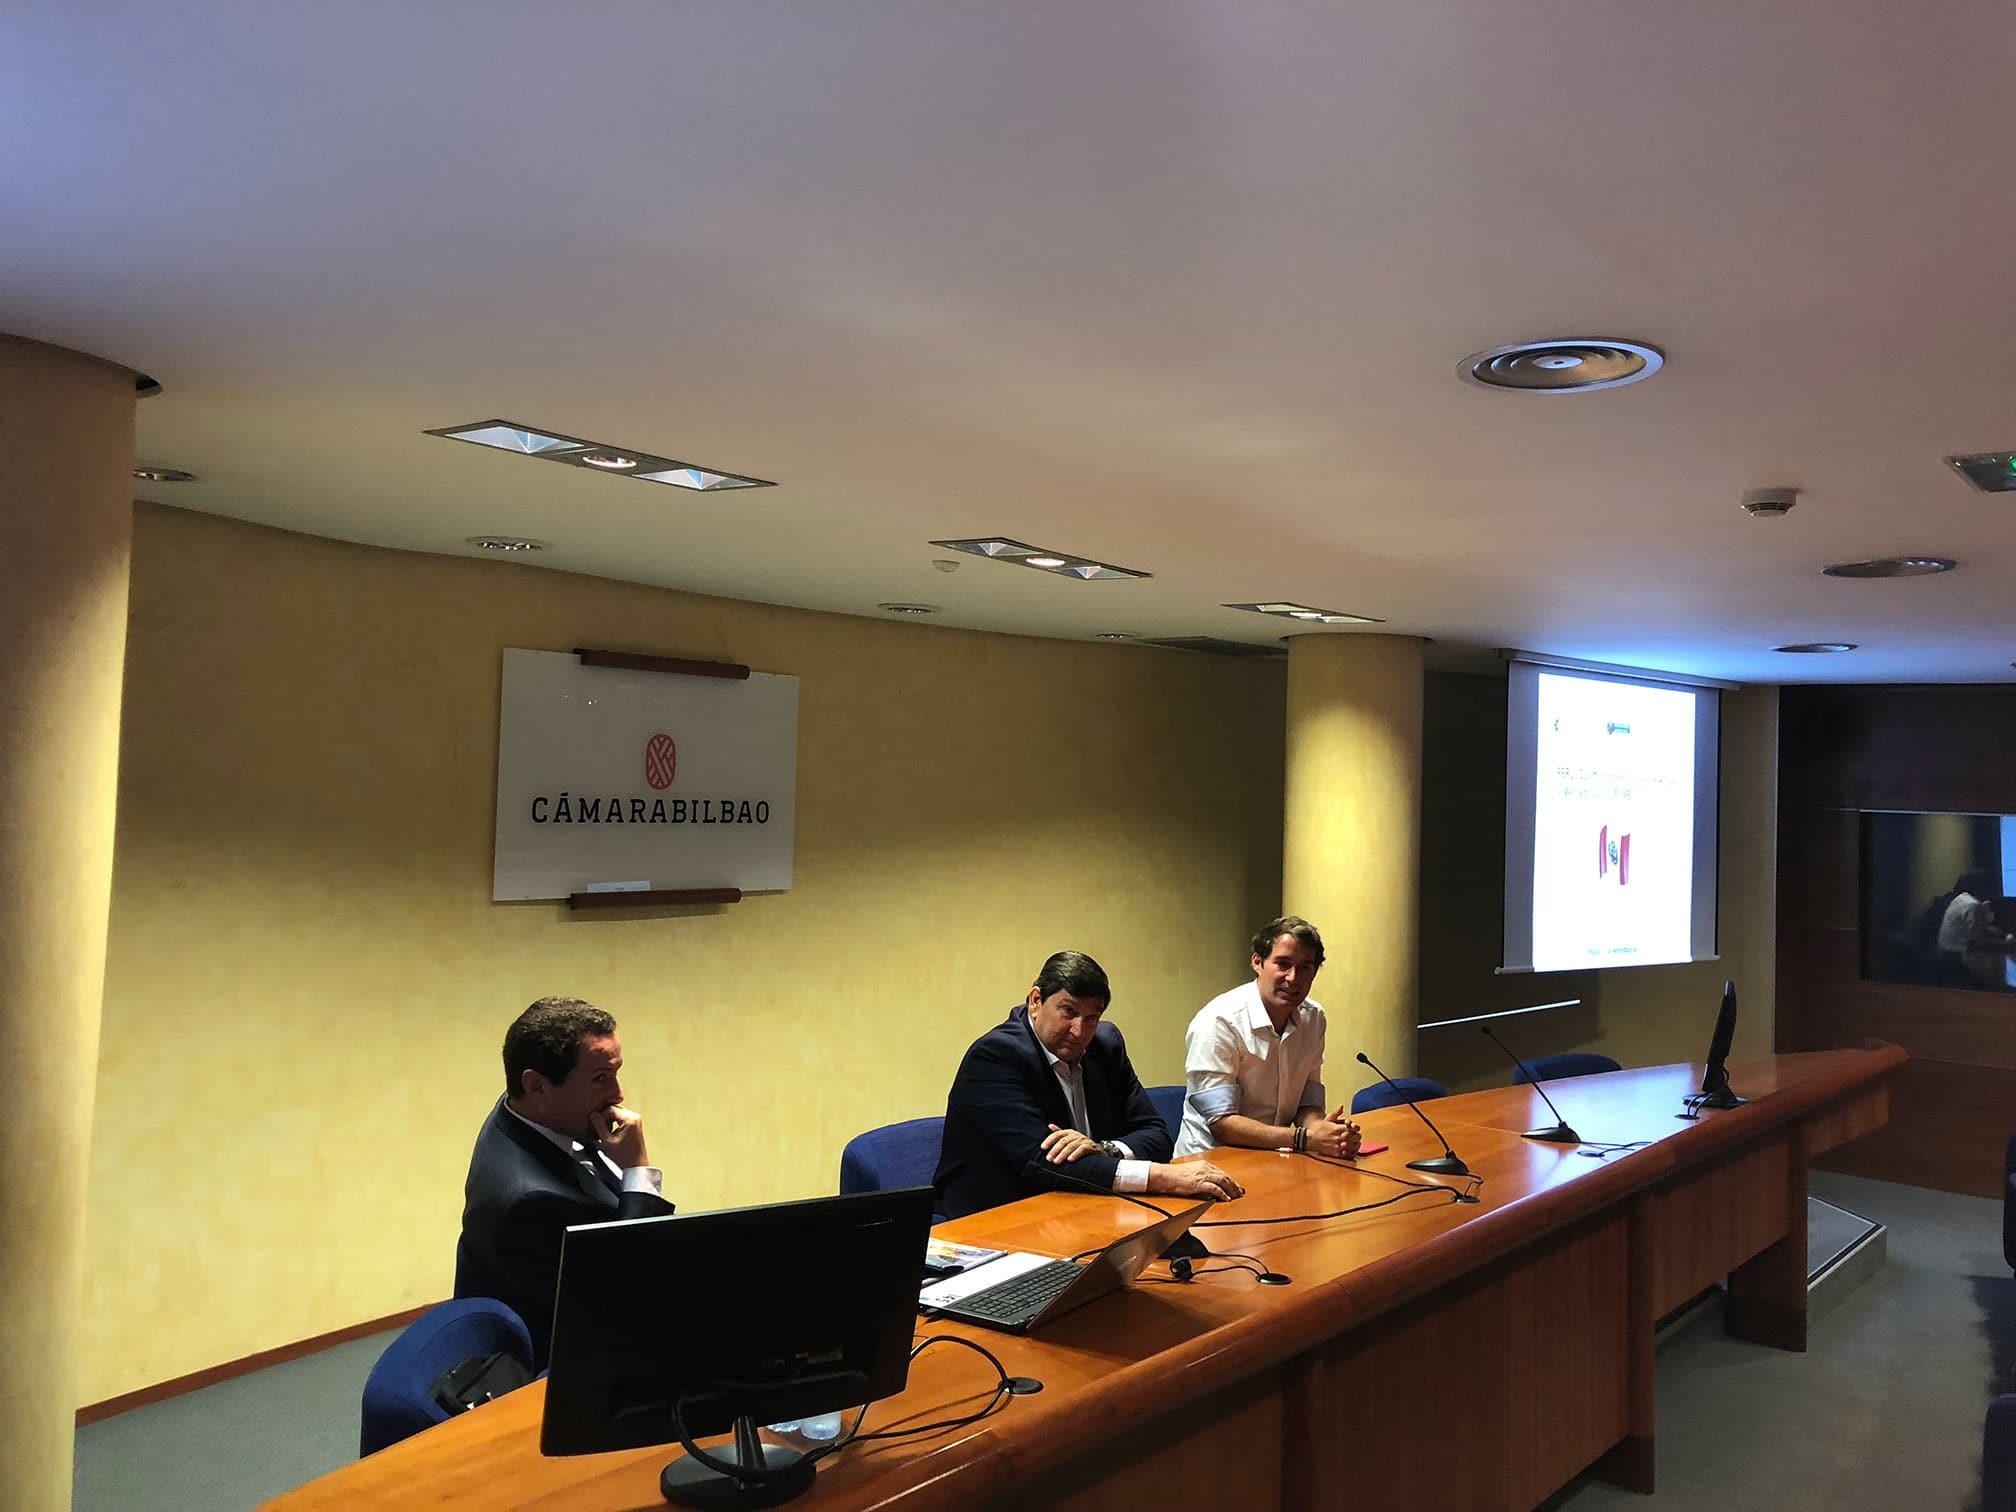 Gestionet ha estado presente en la Cámara de Bilbao en una jornada sobre el comercio y negocio en Perú.